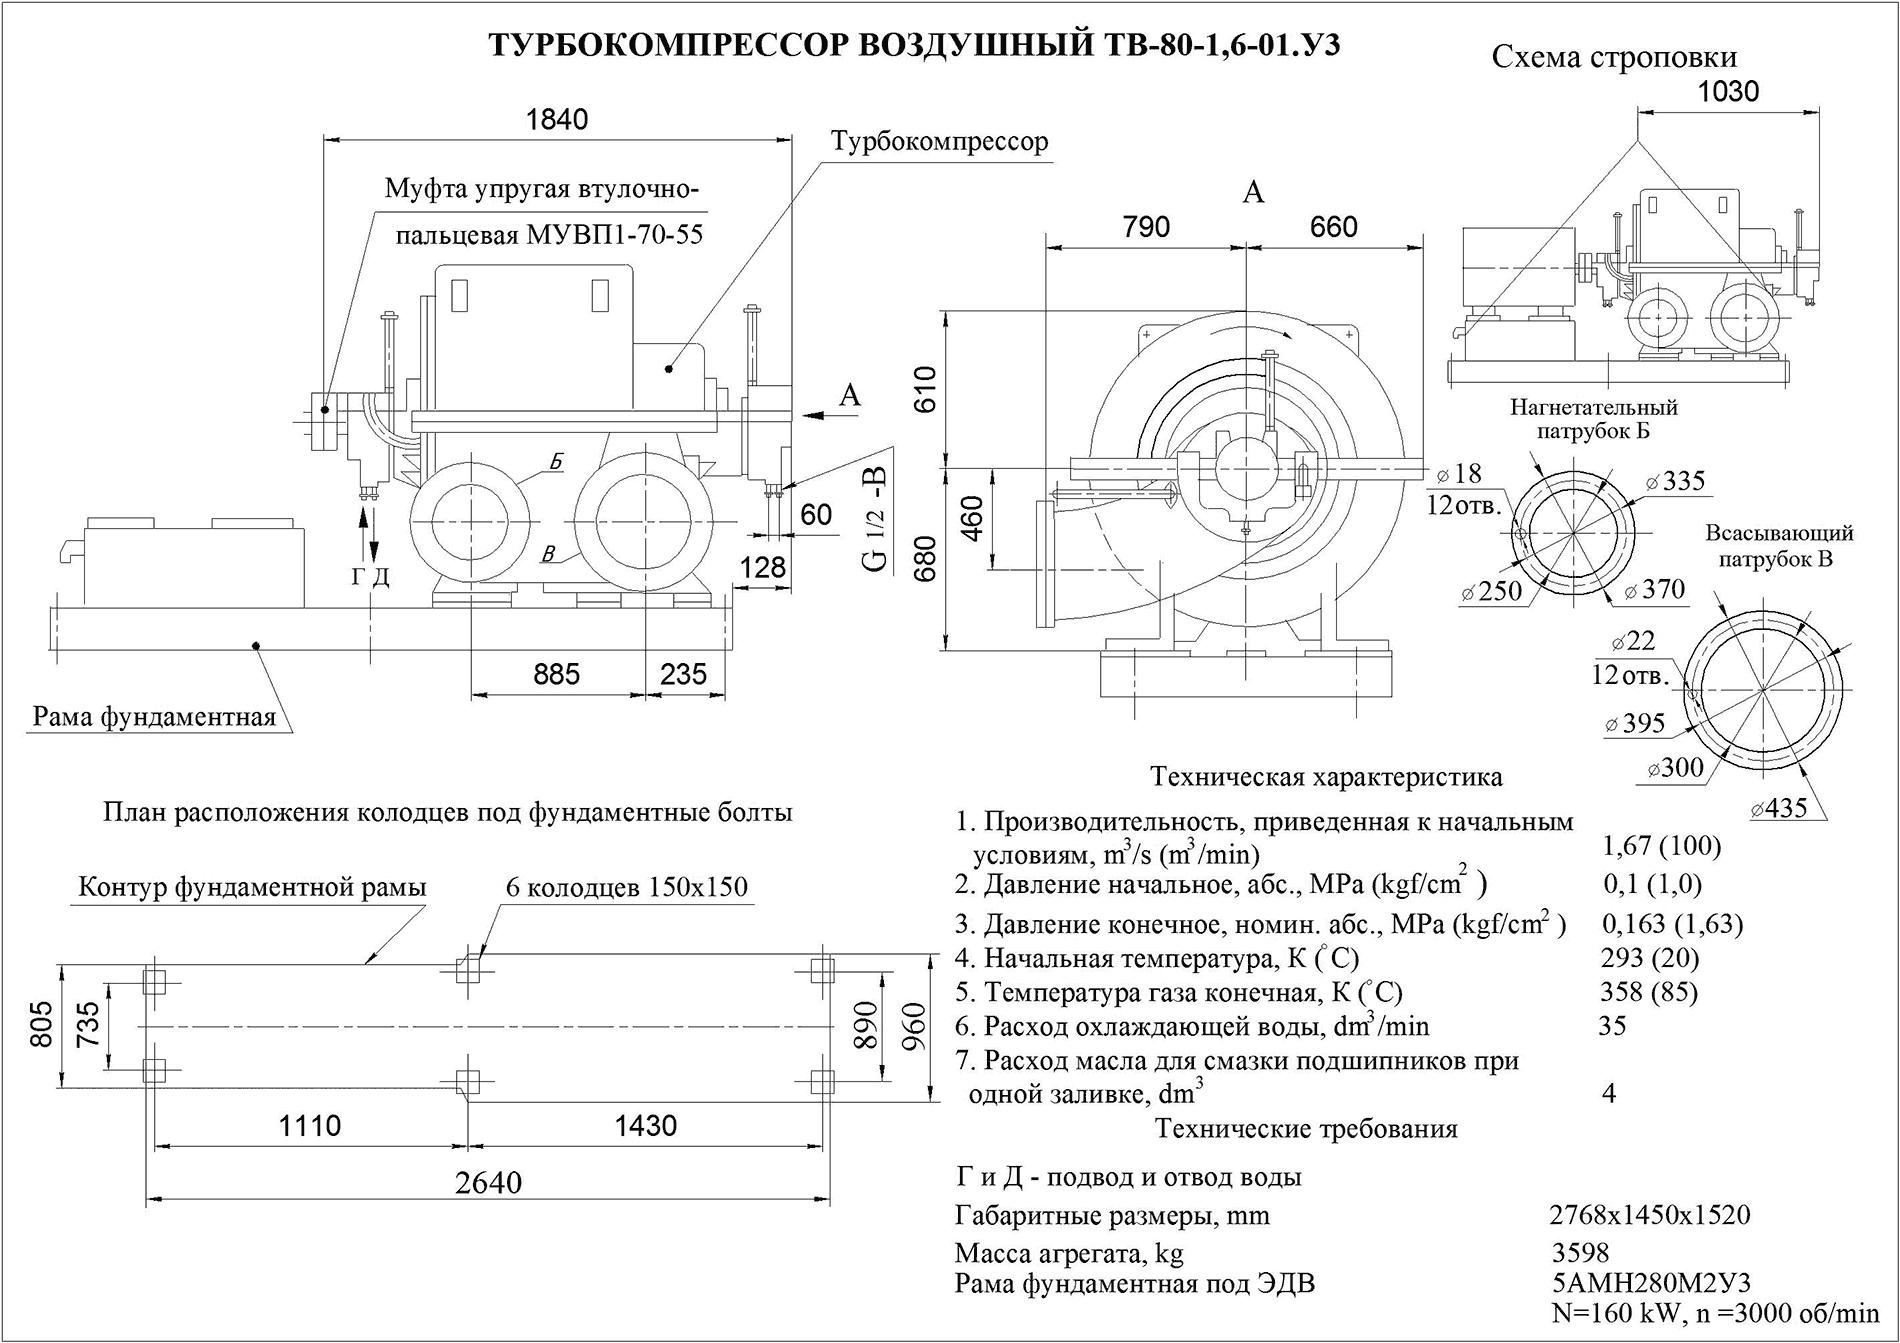 Техническое описание ТВ-80-1,6-01У3